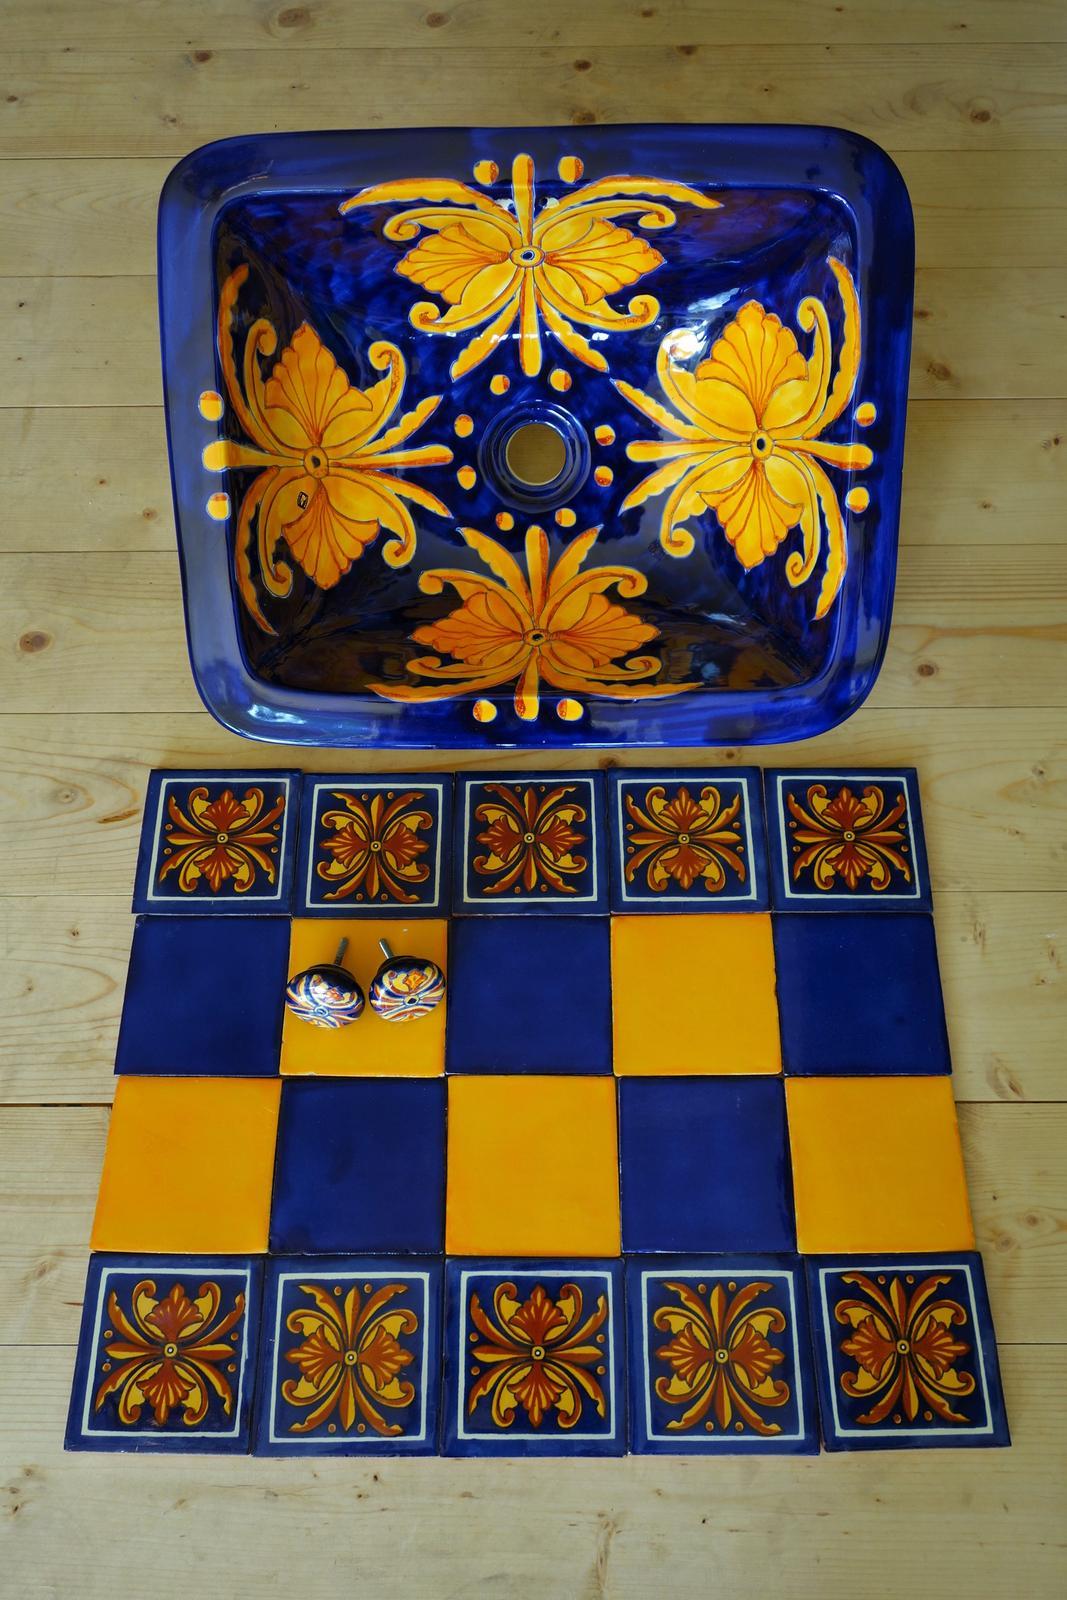 lagartija - Zápustné umývadlo štvorcové, úchytky a dekorovaný obklad spolu s pestrofarebným spôsobom ukladania. Všetko v dekore s názvom Flor Nacional.